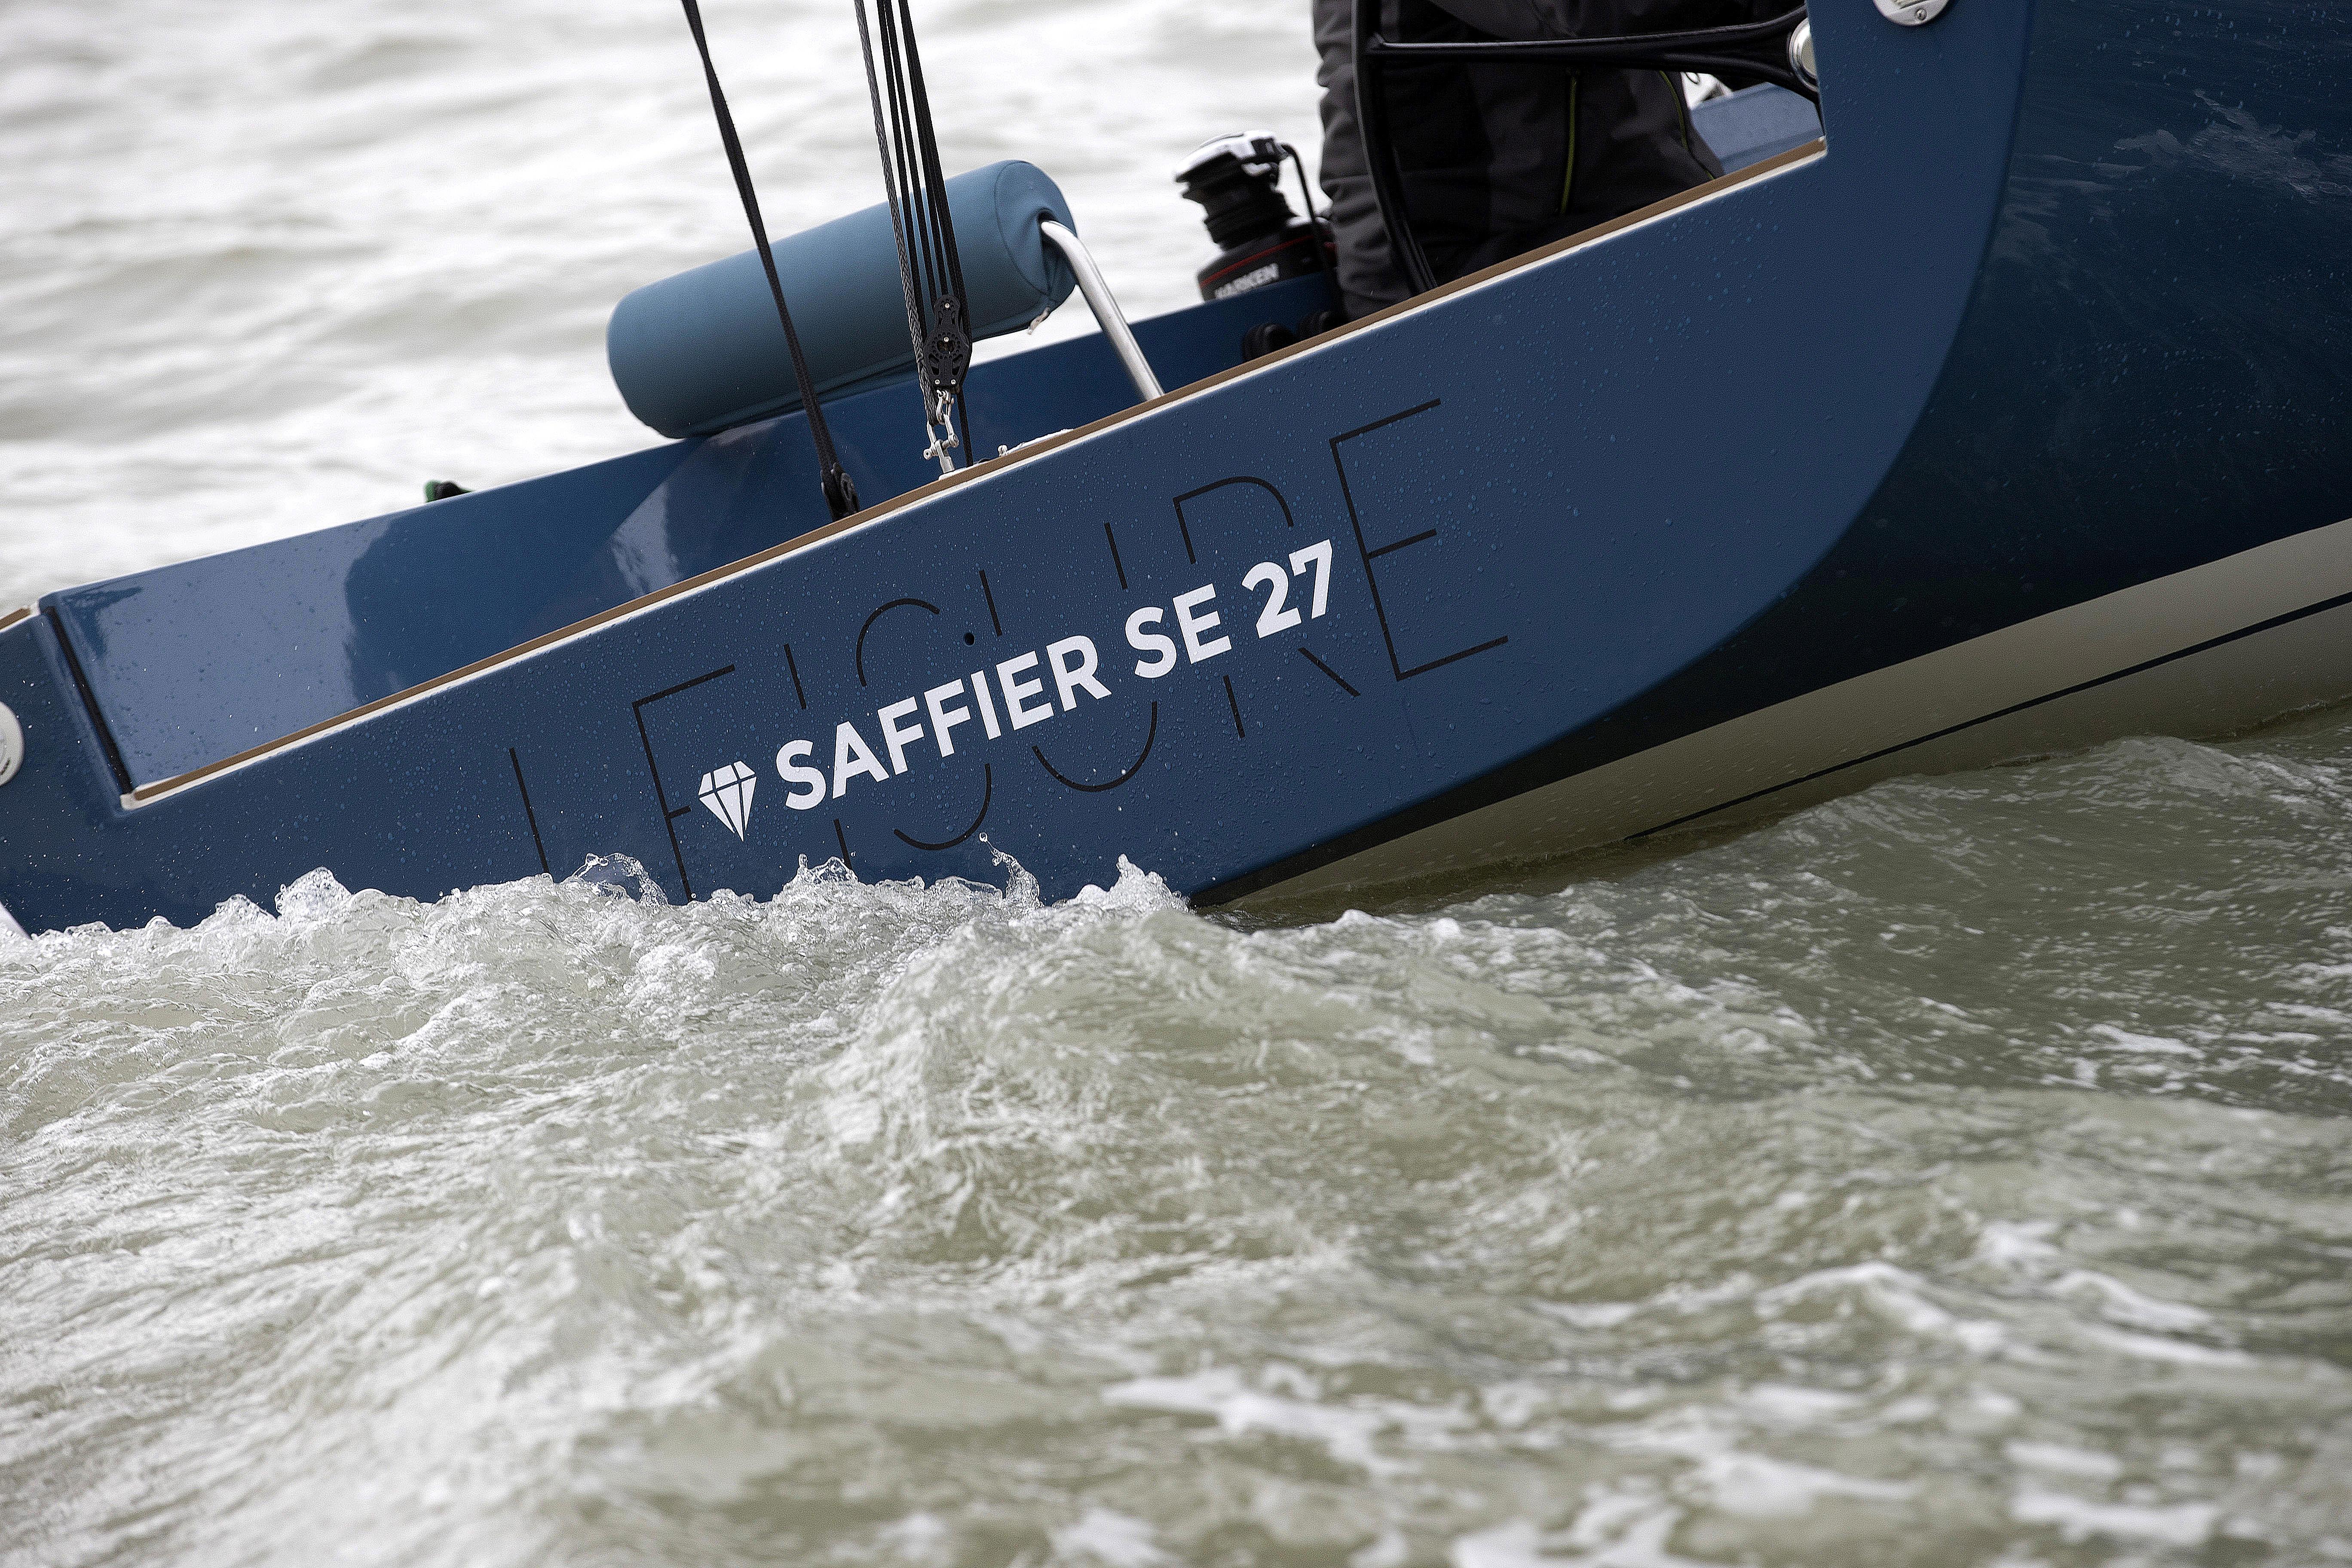 Saffier SE27 Leisure